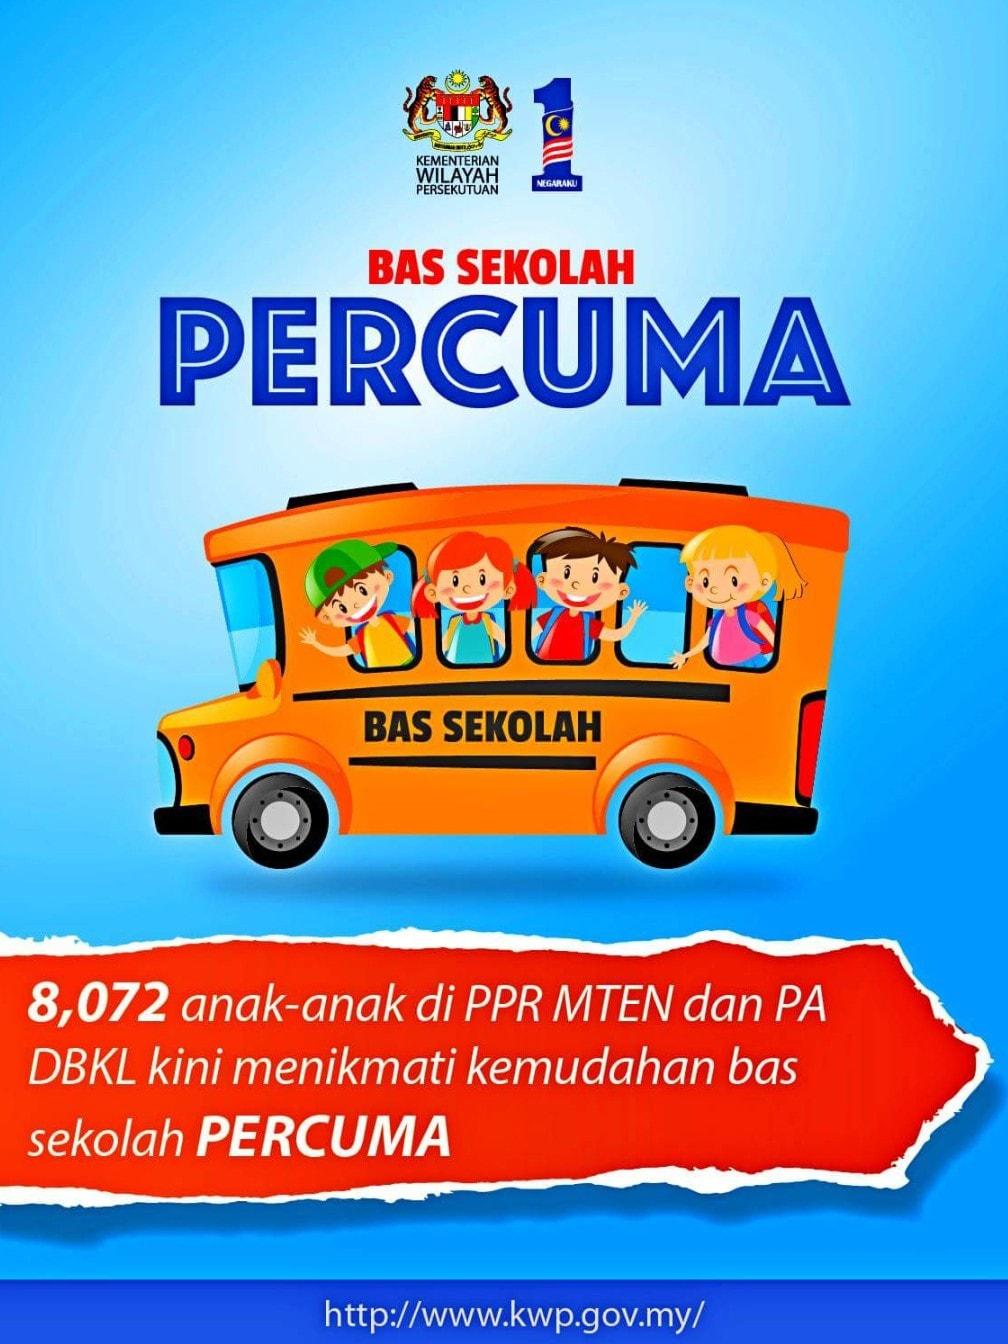 Kemudahan Bas Sekolah Percuma Untuk PPR & PA!